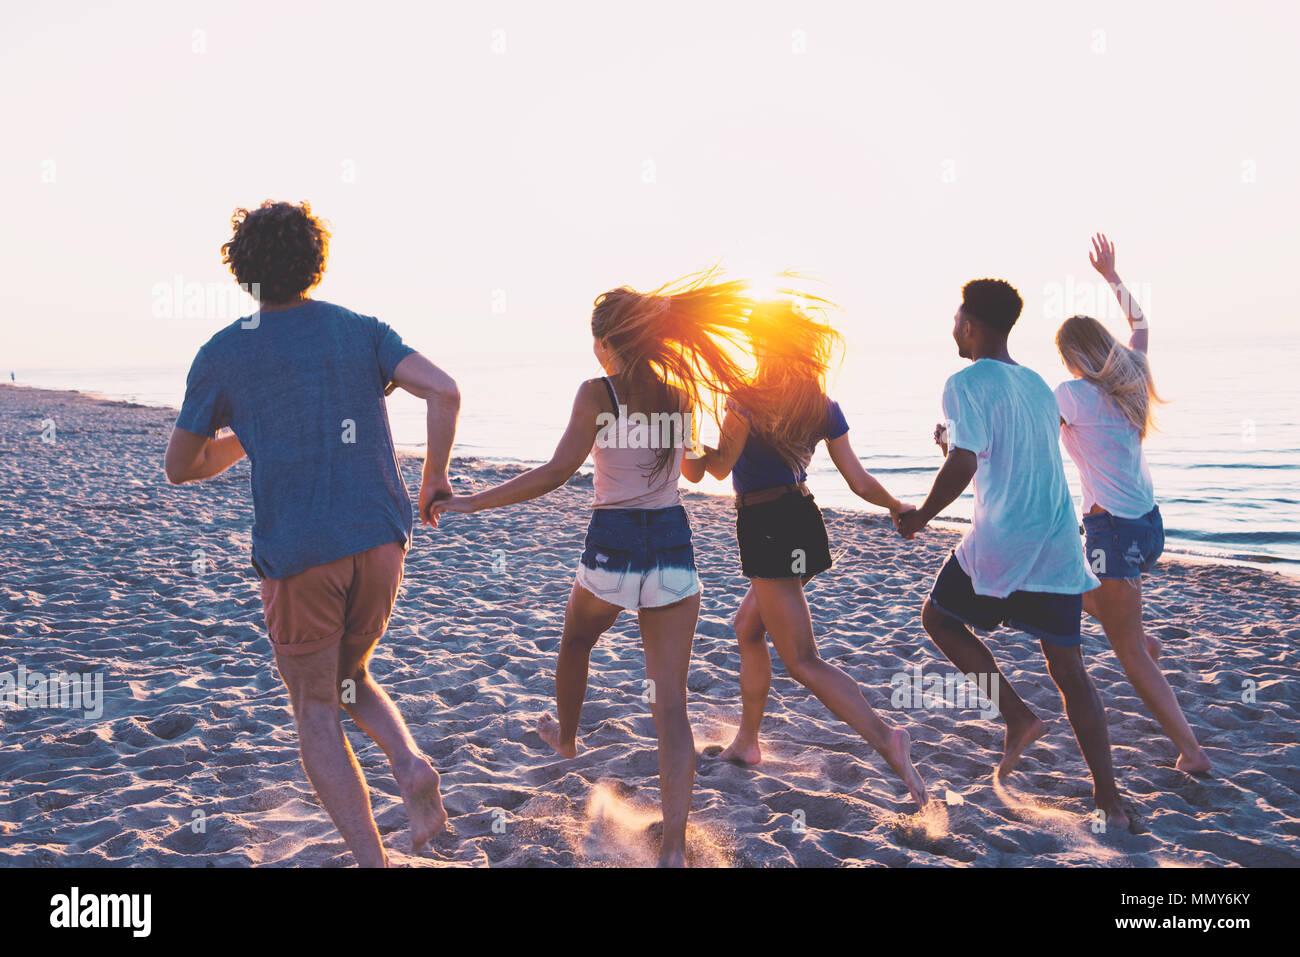 Grupo de Amigos felices divirtiéndose en la playa. Foto de stock